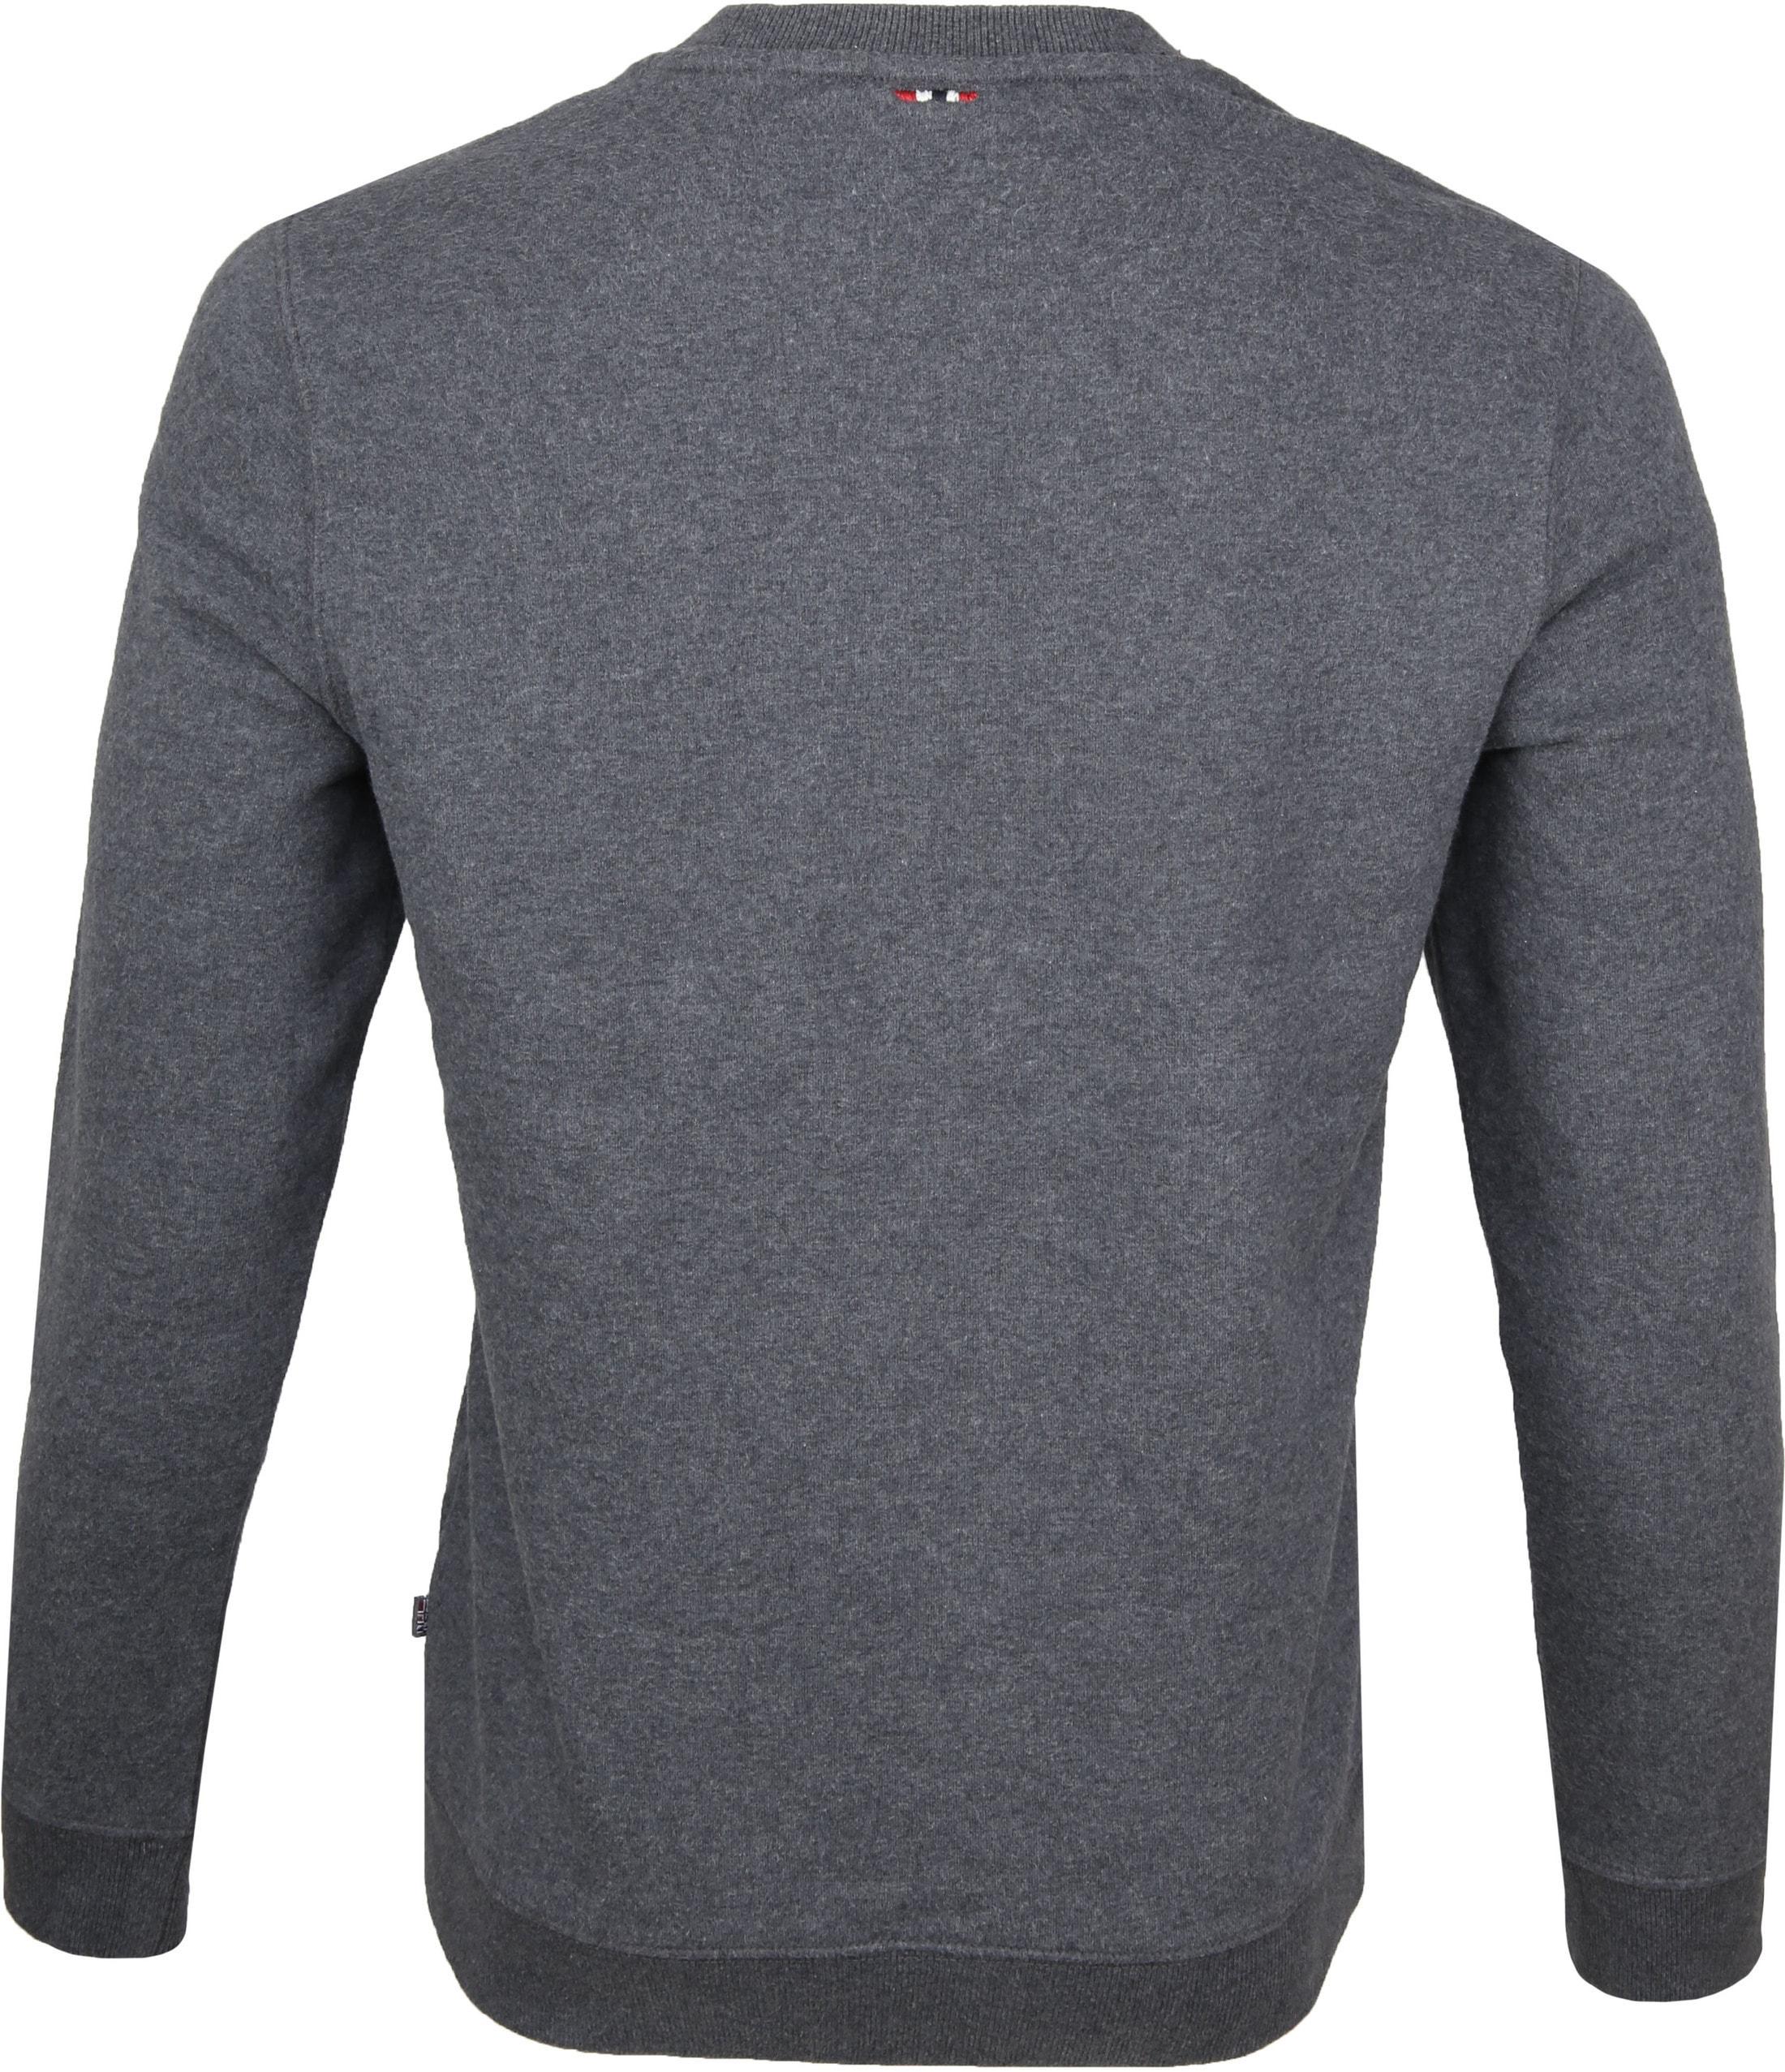 Napapijri Berthow Sweater Antraciet foto 2